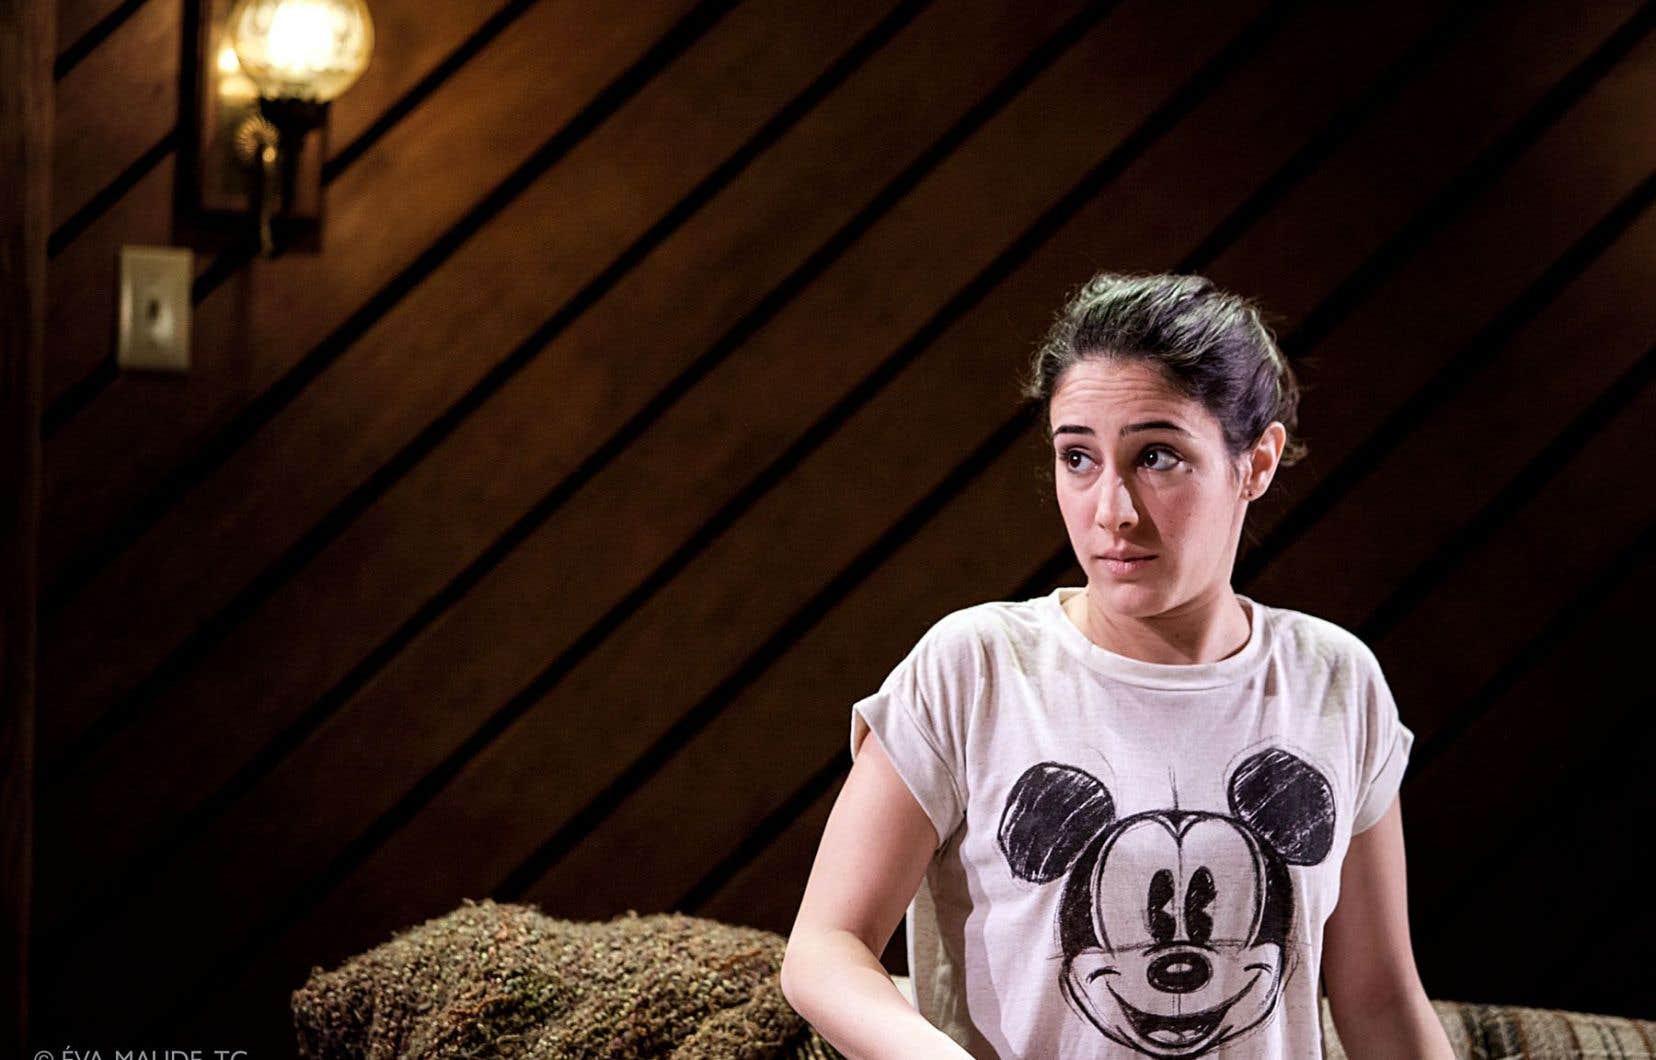 Nathalie Doummar Nathalie Doummar new picture